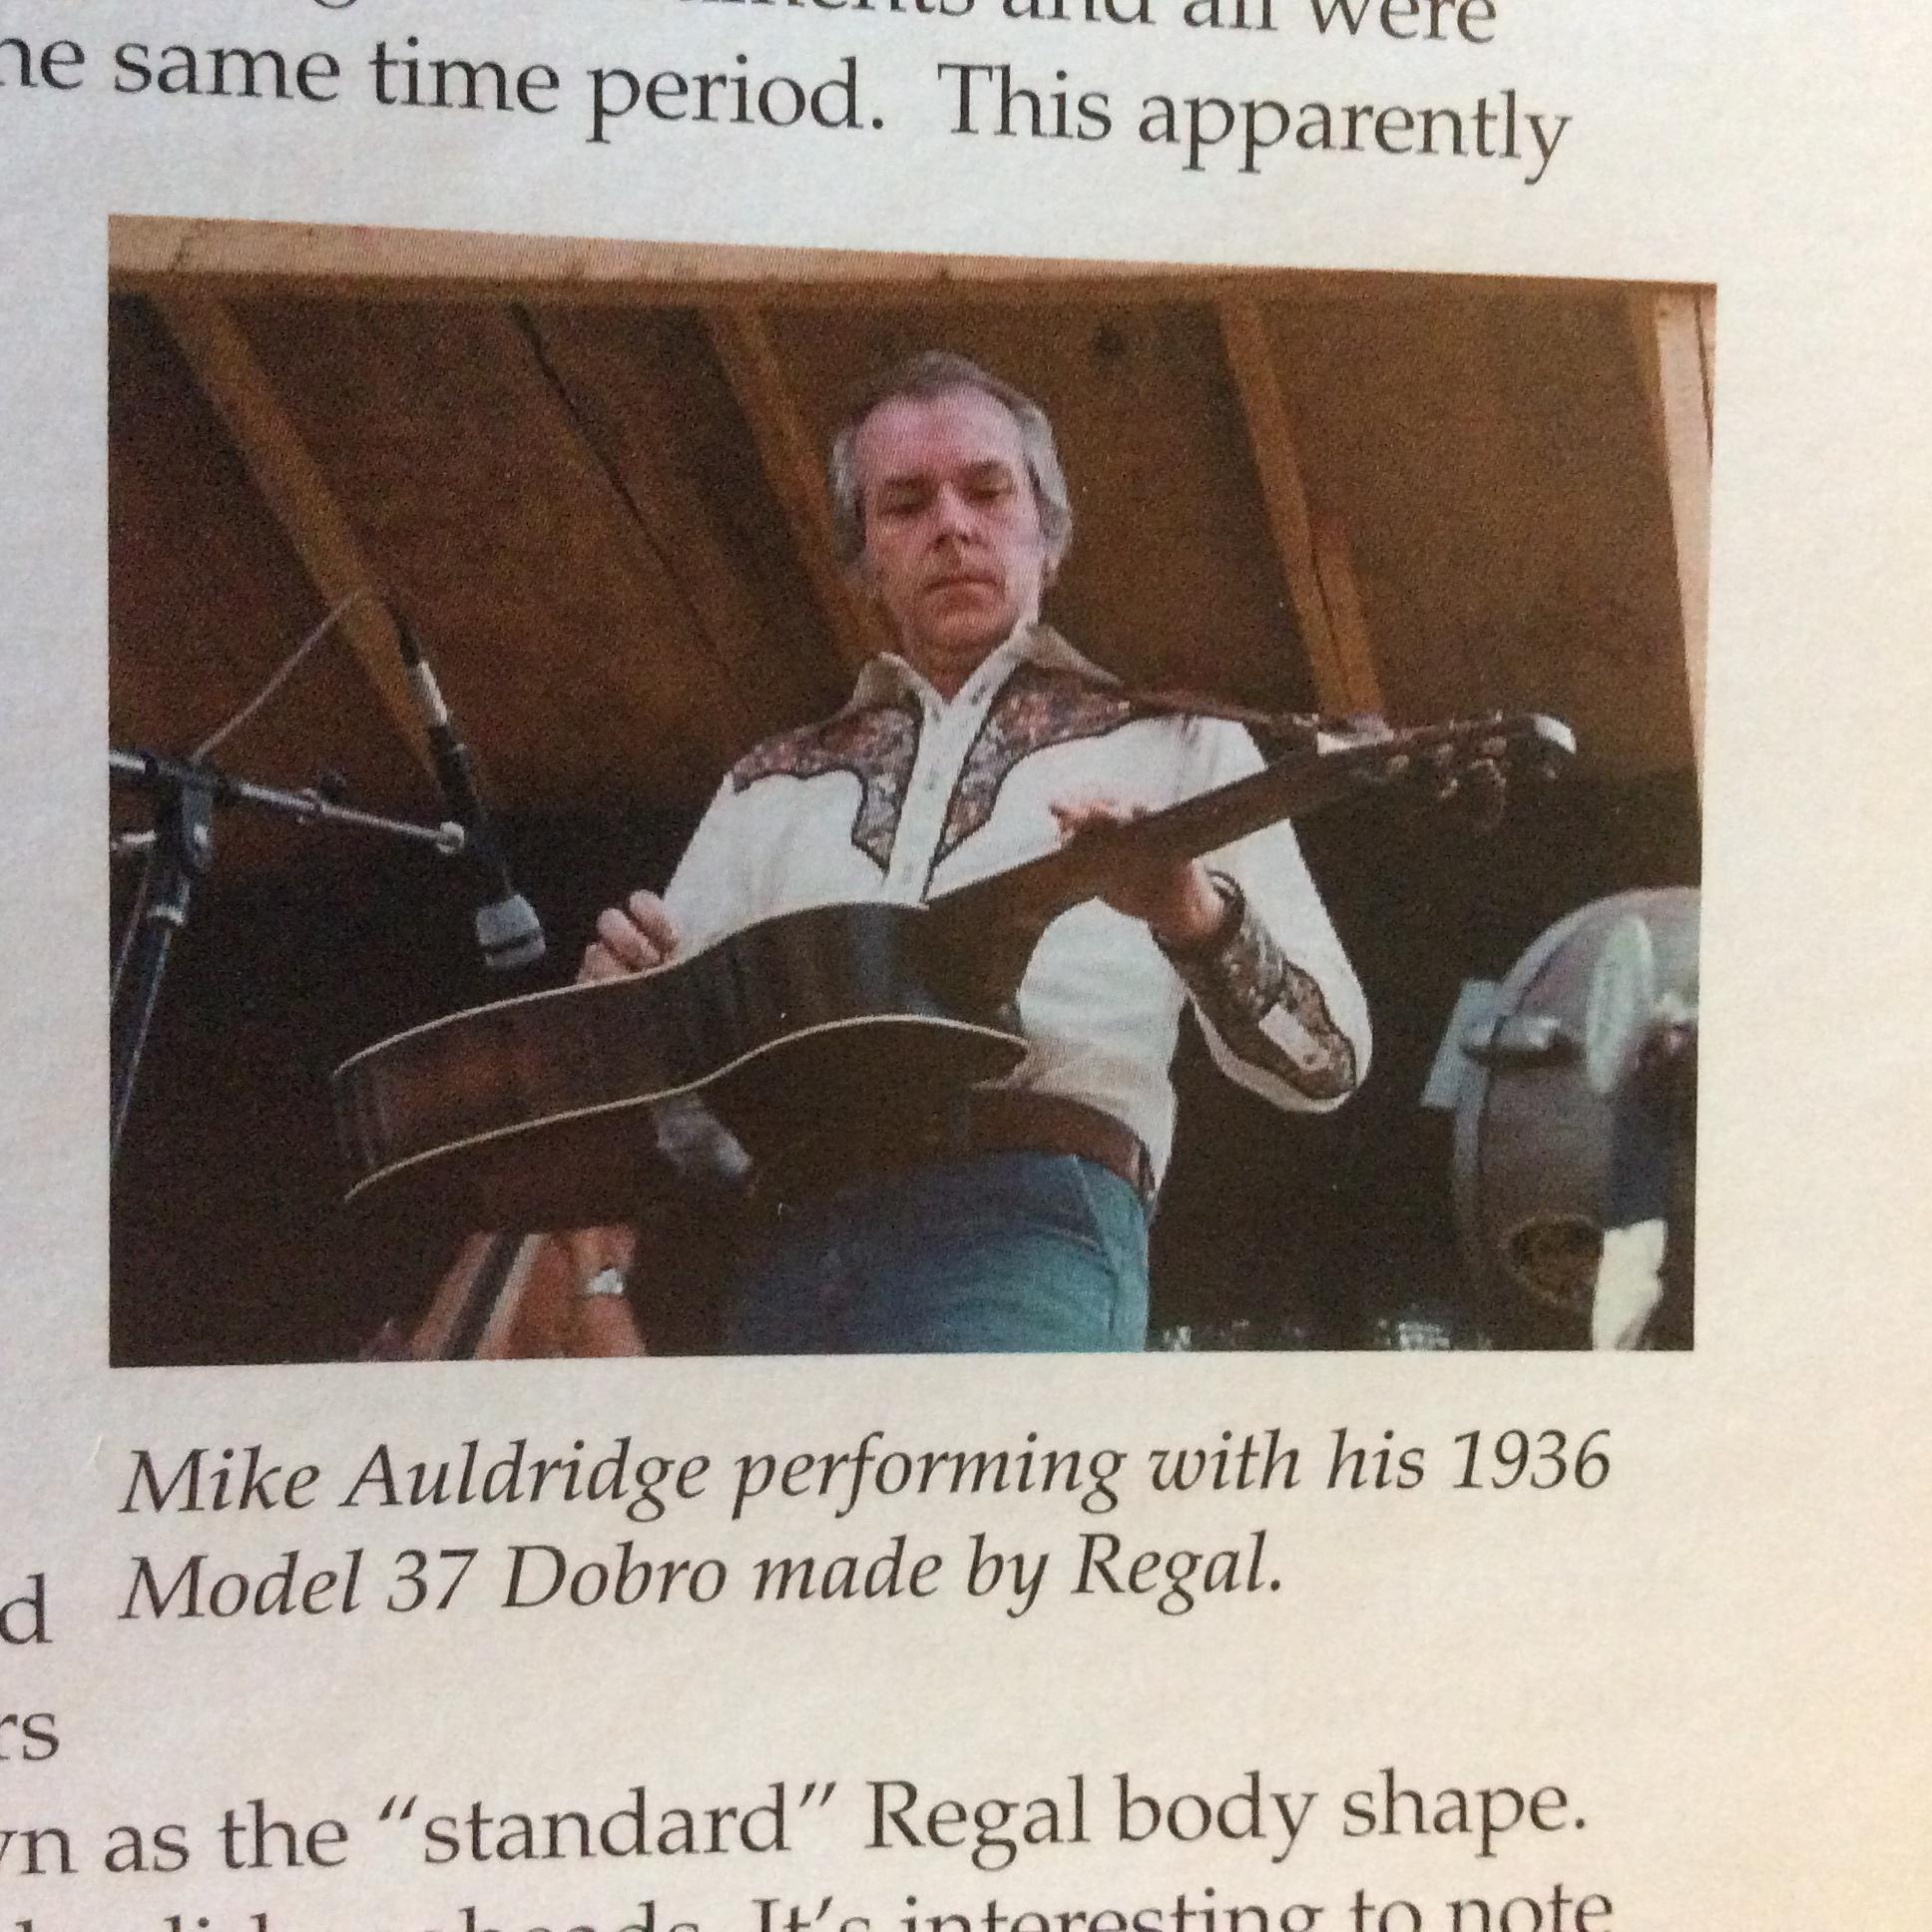 Mike Auldridge